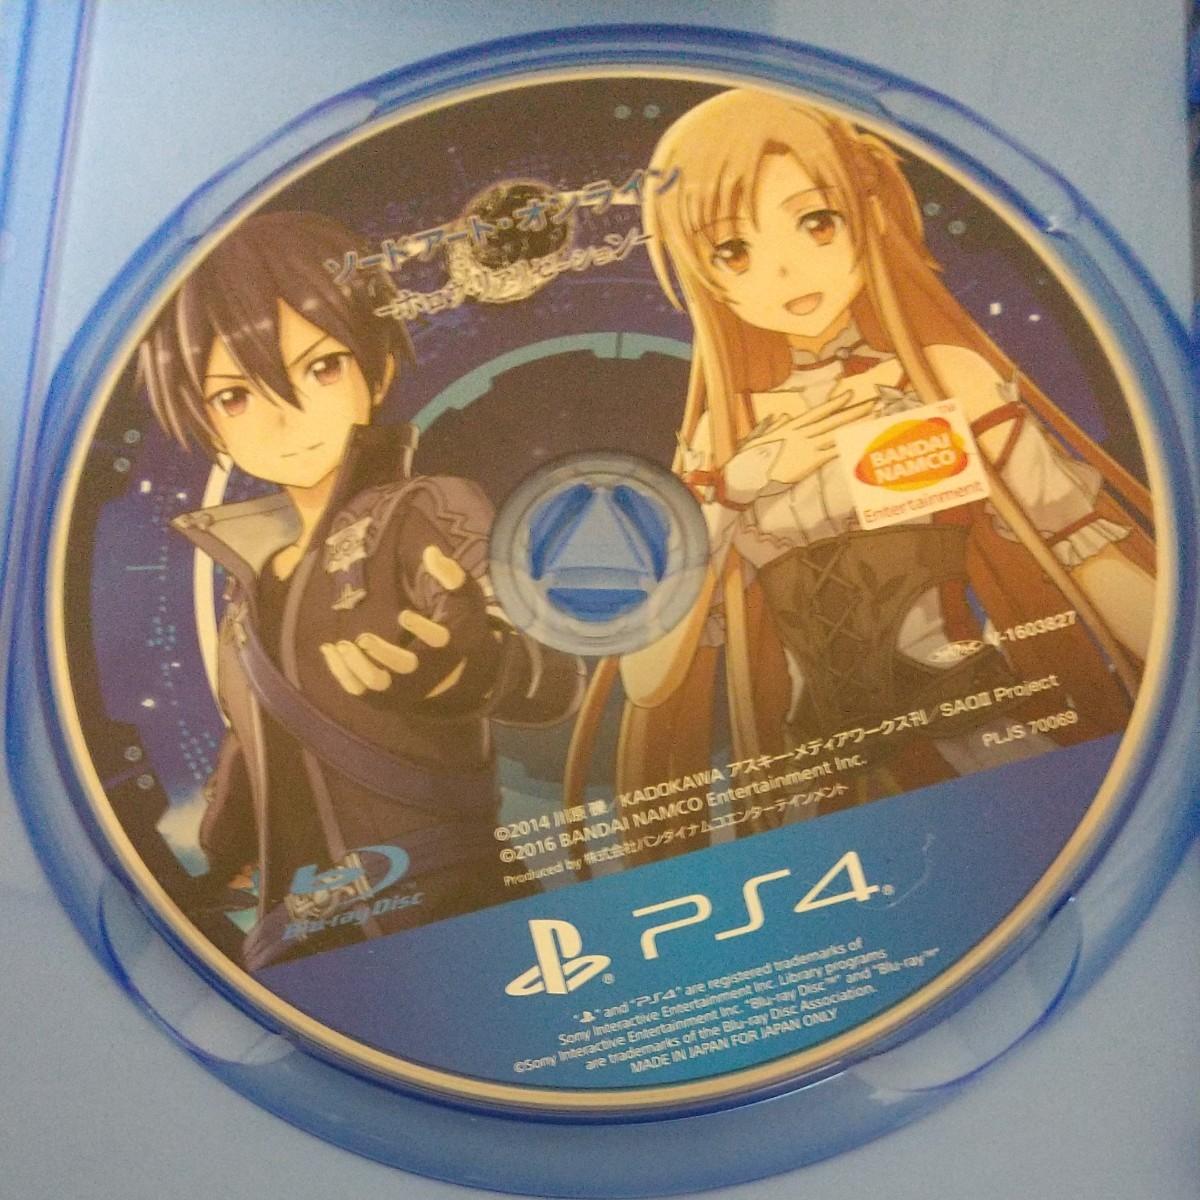 ソードアートオンラインホロウリアリゼーション PS4ソフト